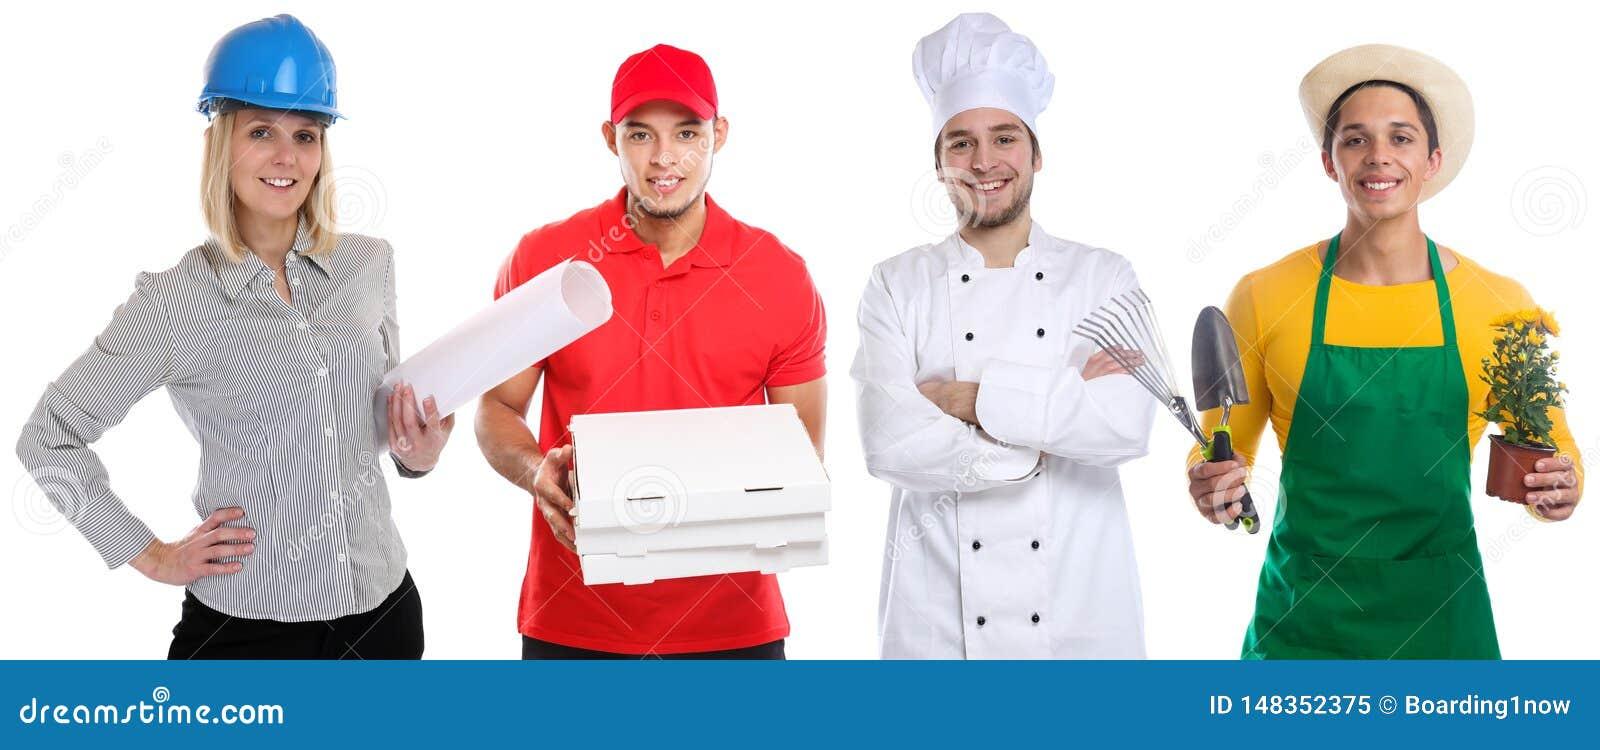 Σταδιοδρομία επαγγελμάτων νέων επαγγέλματος εκπαίδευσης επιχειρησιακή που απομονώνεται στο λευκό